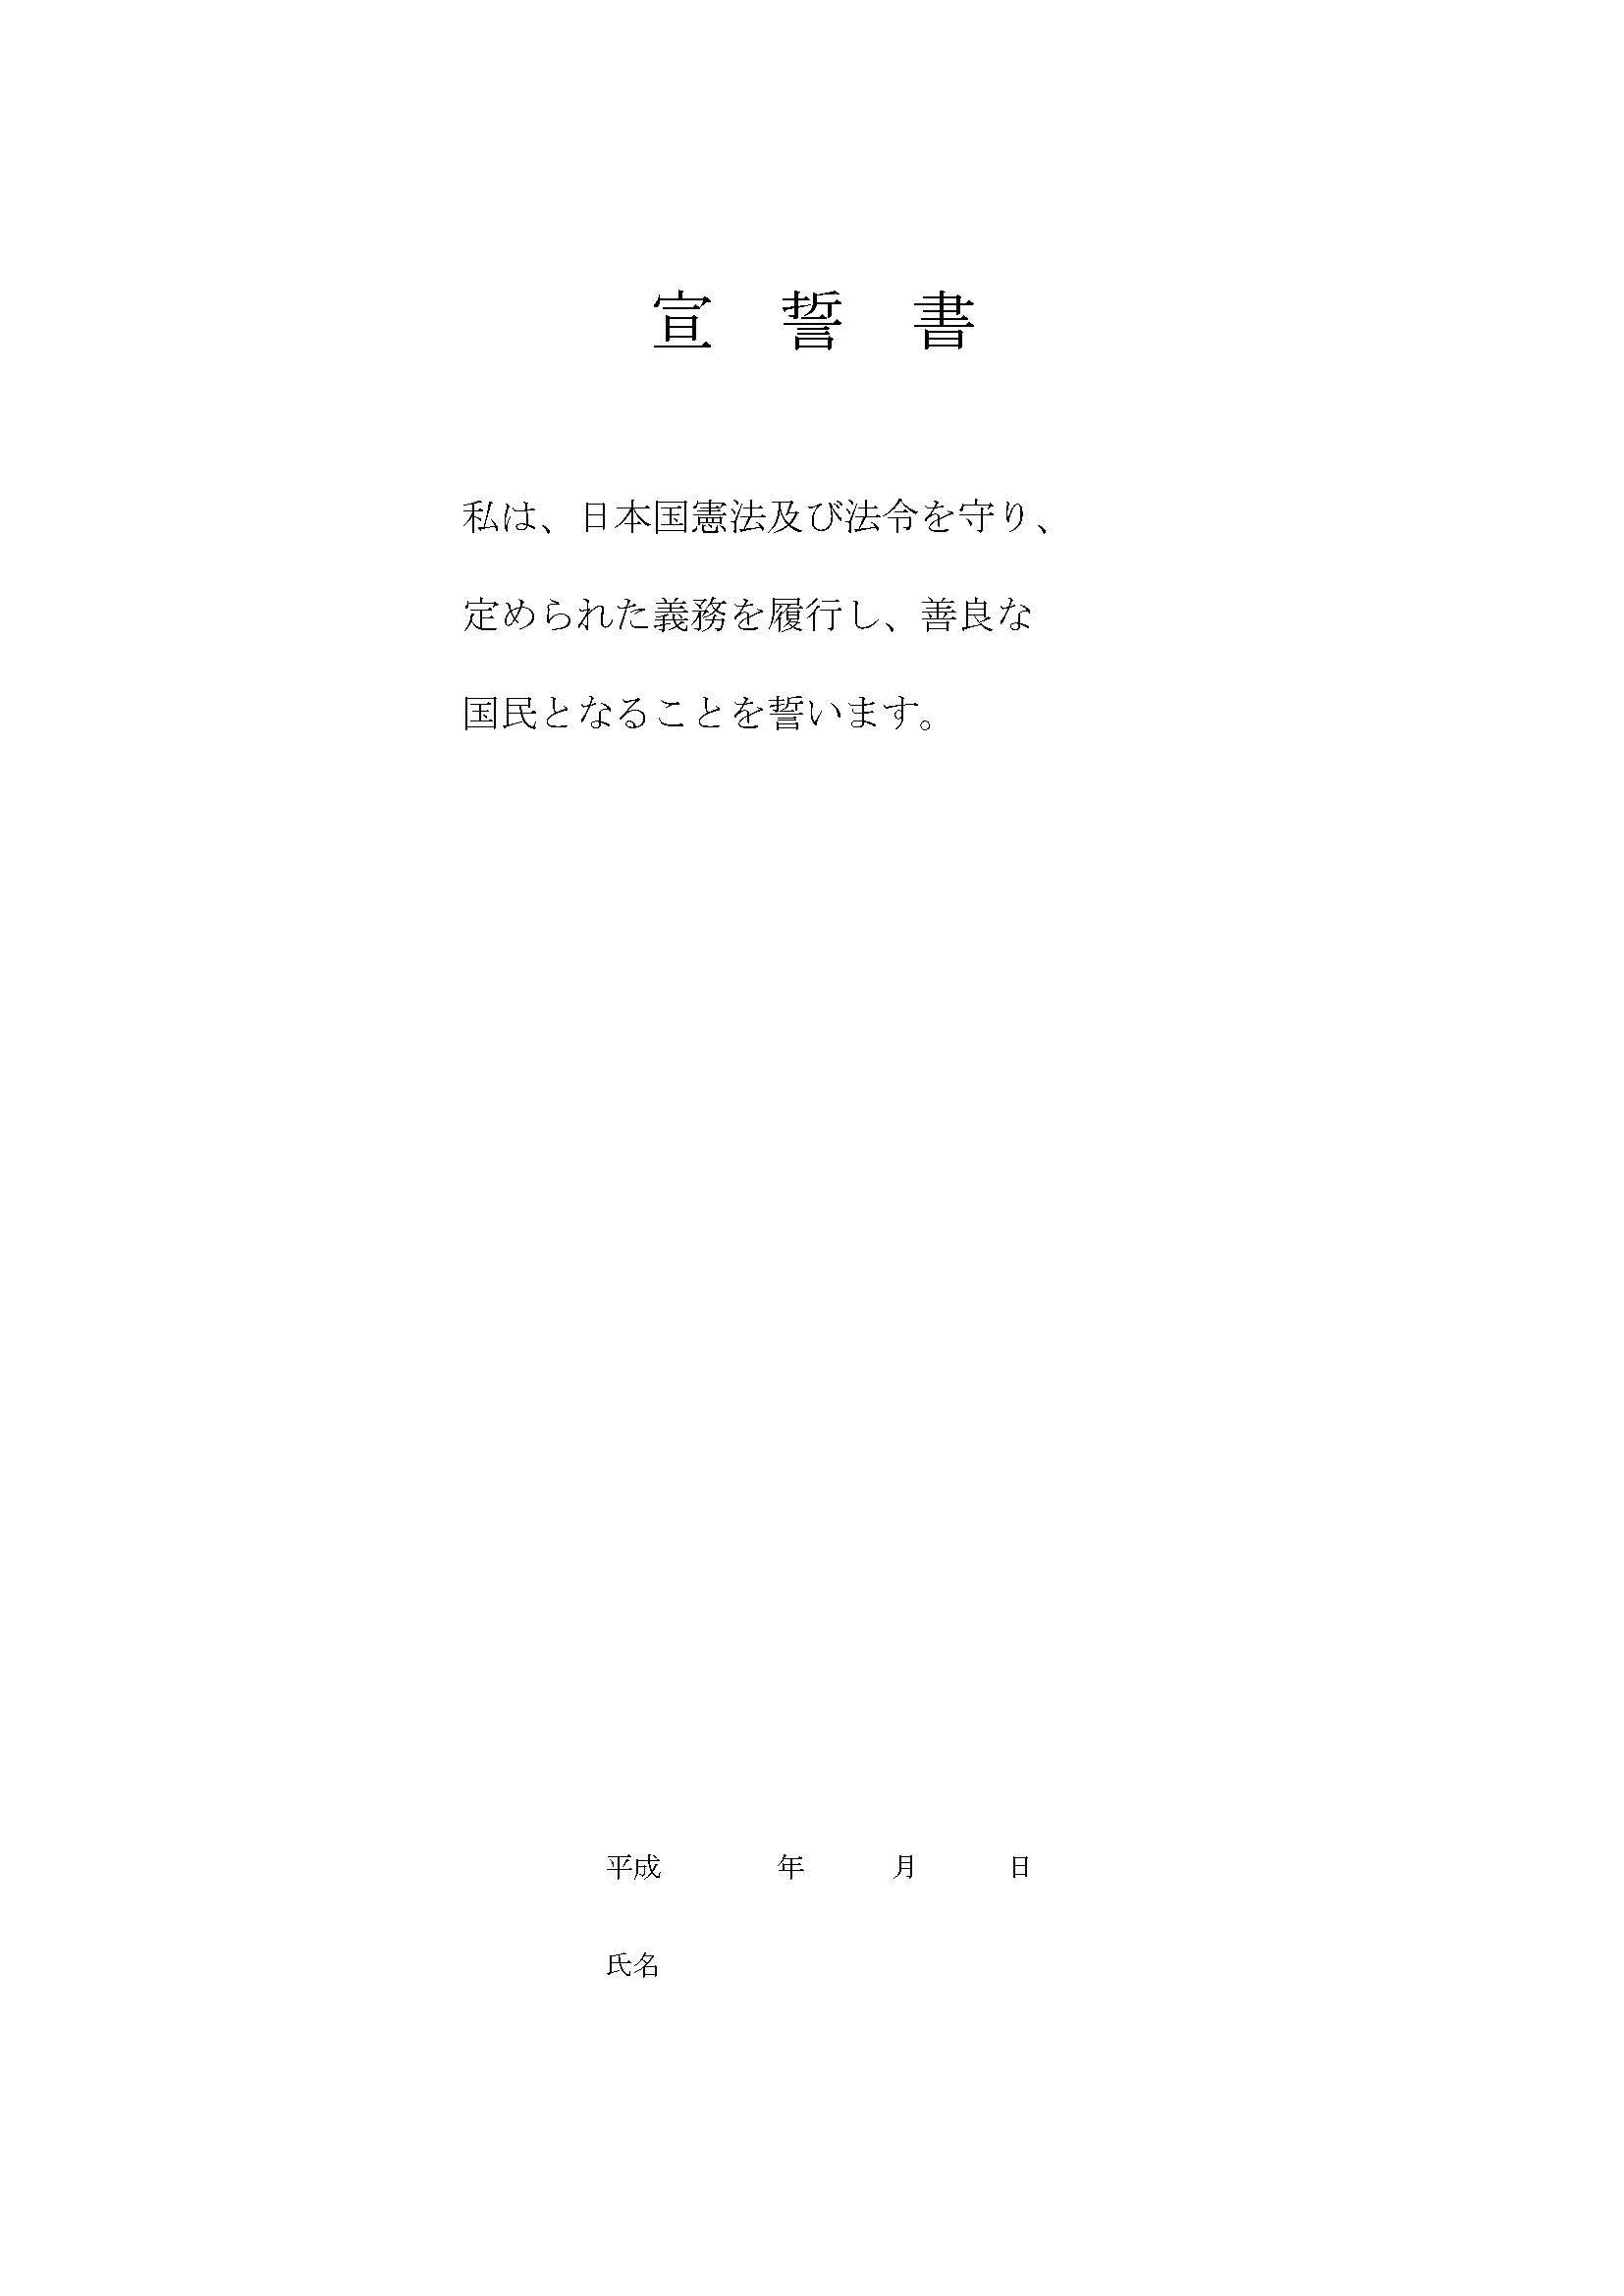 帰化申請書類「宣誓書」の書き方